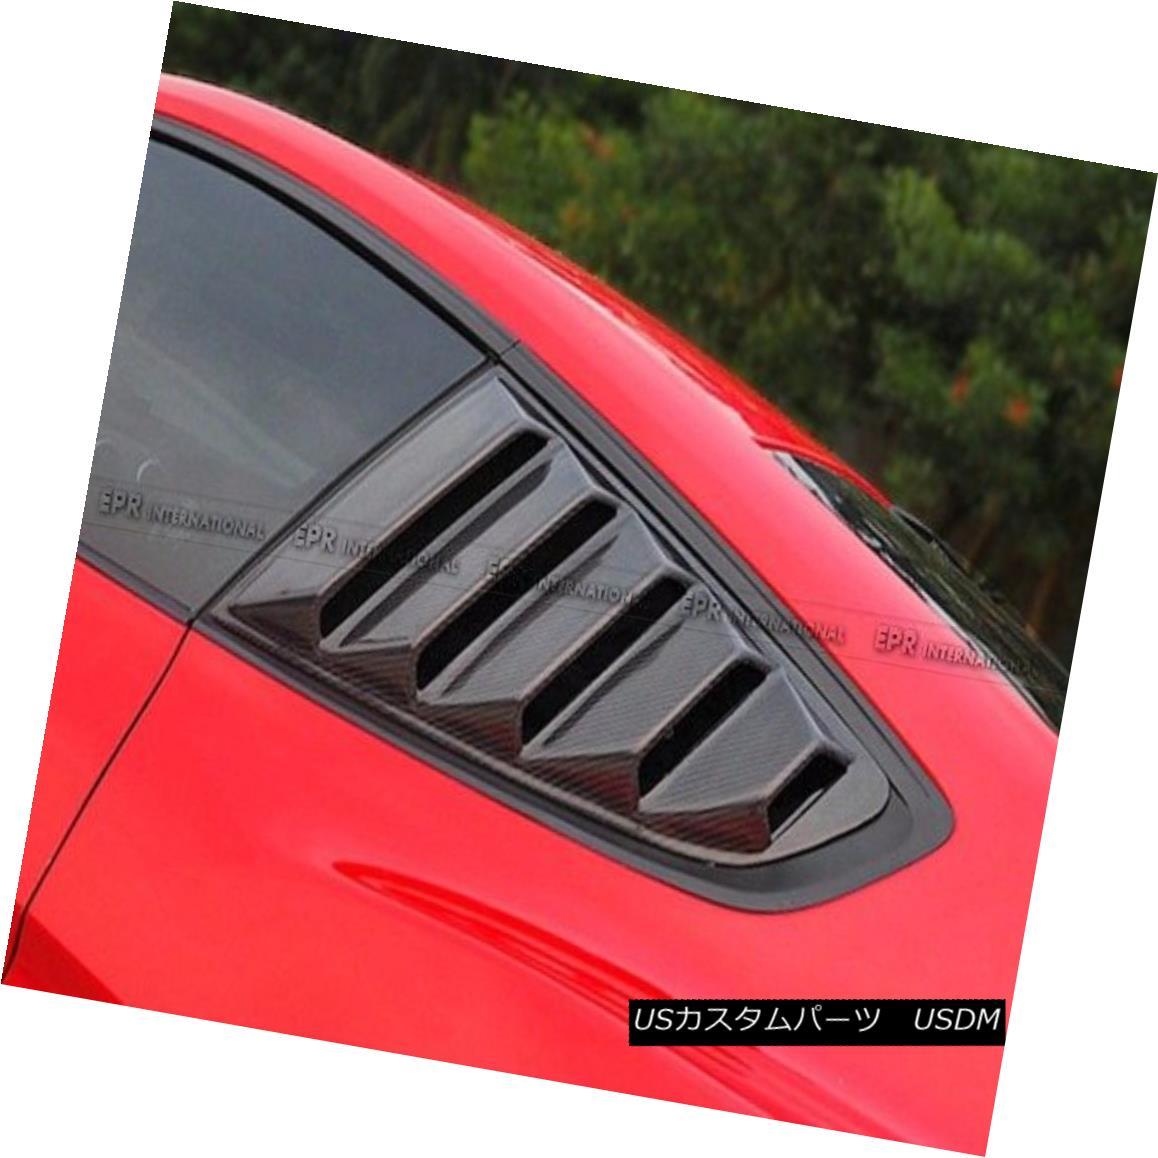 エアロパーツ For 2015 Mustang GT350R Stye Cover GT350R Quarter Carbon エアロパーツ Fiber Side Window Vents Louver Cover 2015 Mustang GT350R Stye Quarterカーボンファイバーサイドウィンドウベントルーバカバー, ねん土の丸石:58f833a7 --- sunward.msk.ru